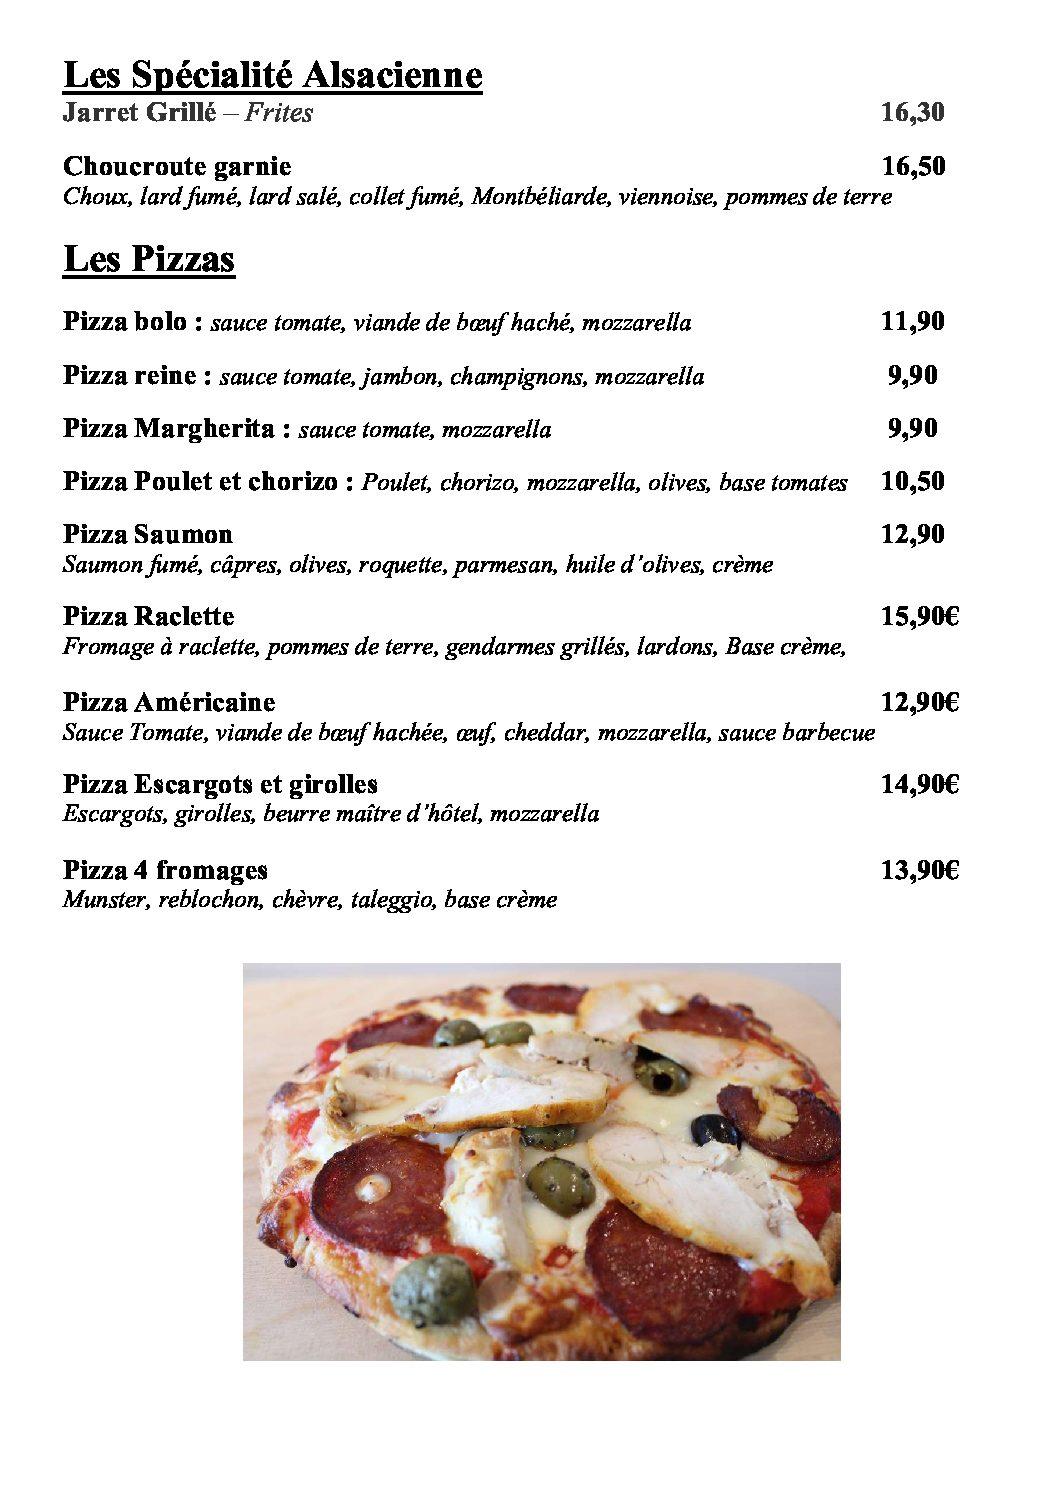 Carte emporter et livraison page 2 pizzas